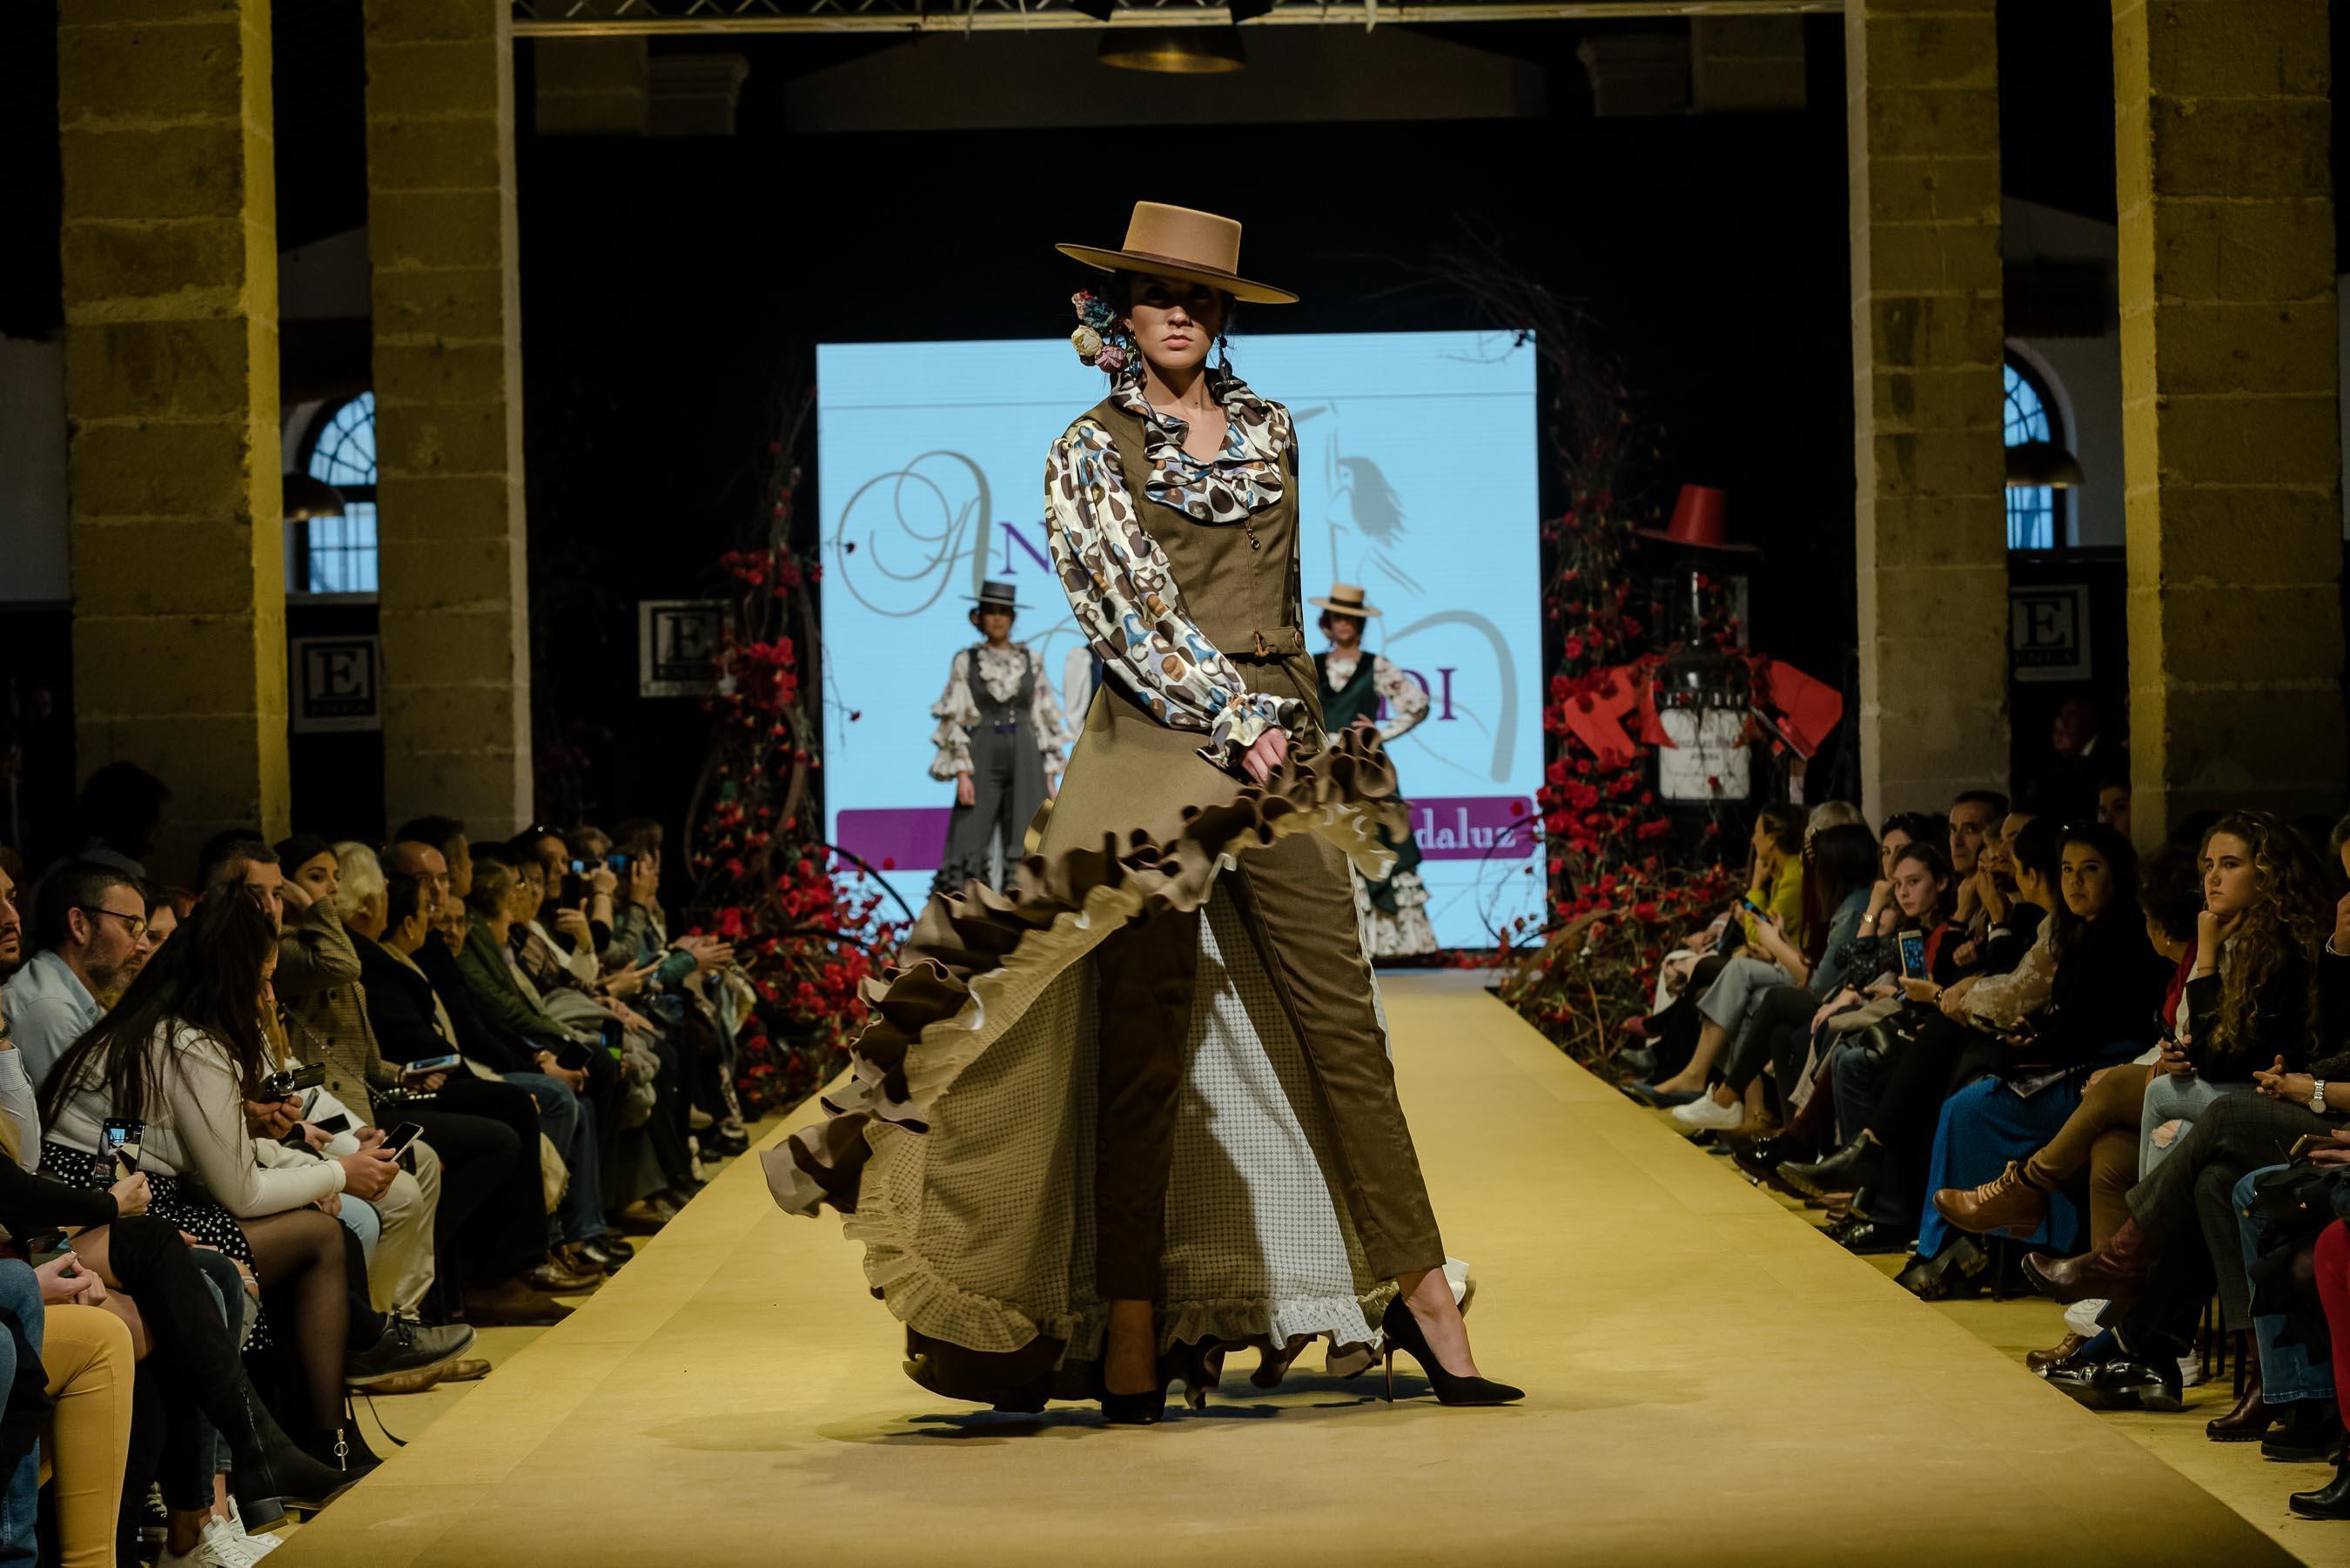 La Fashion Flamenca School de Ana Ricardi